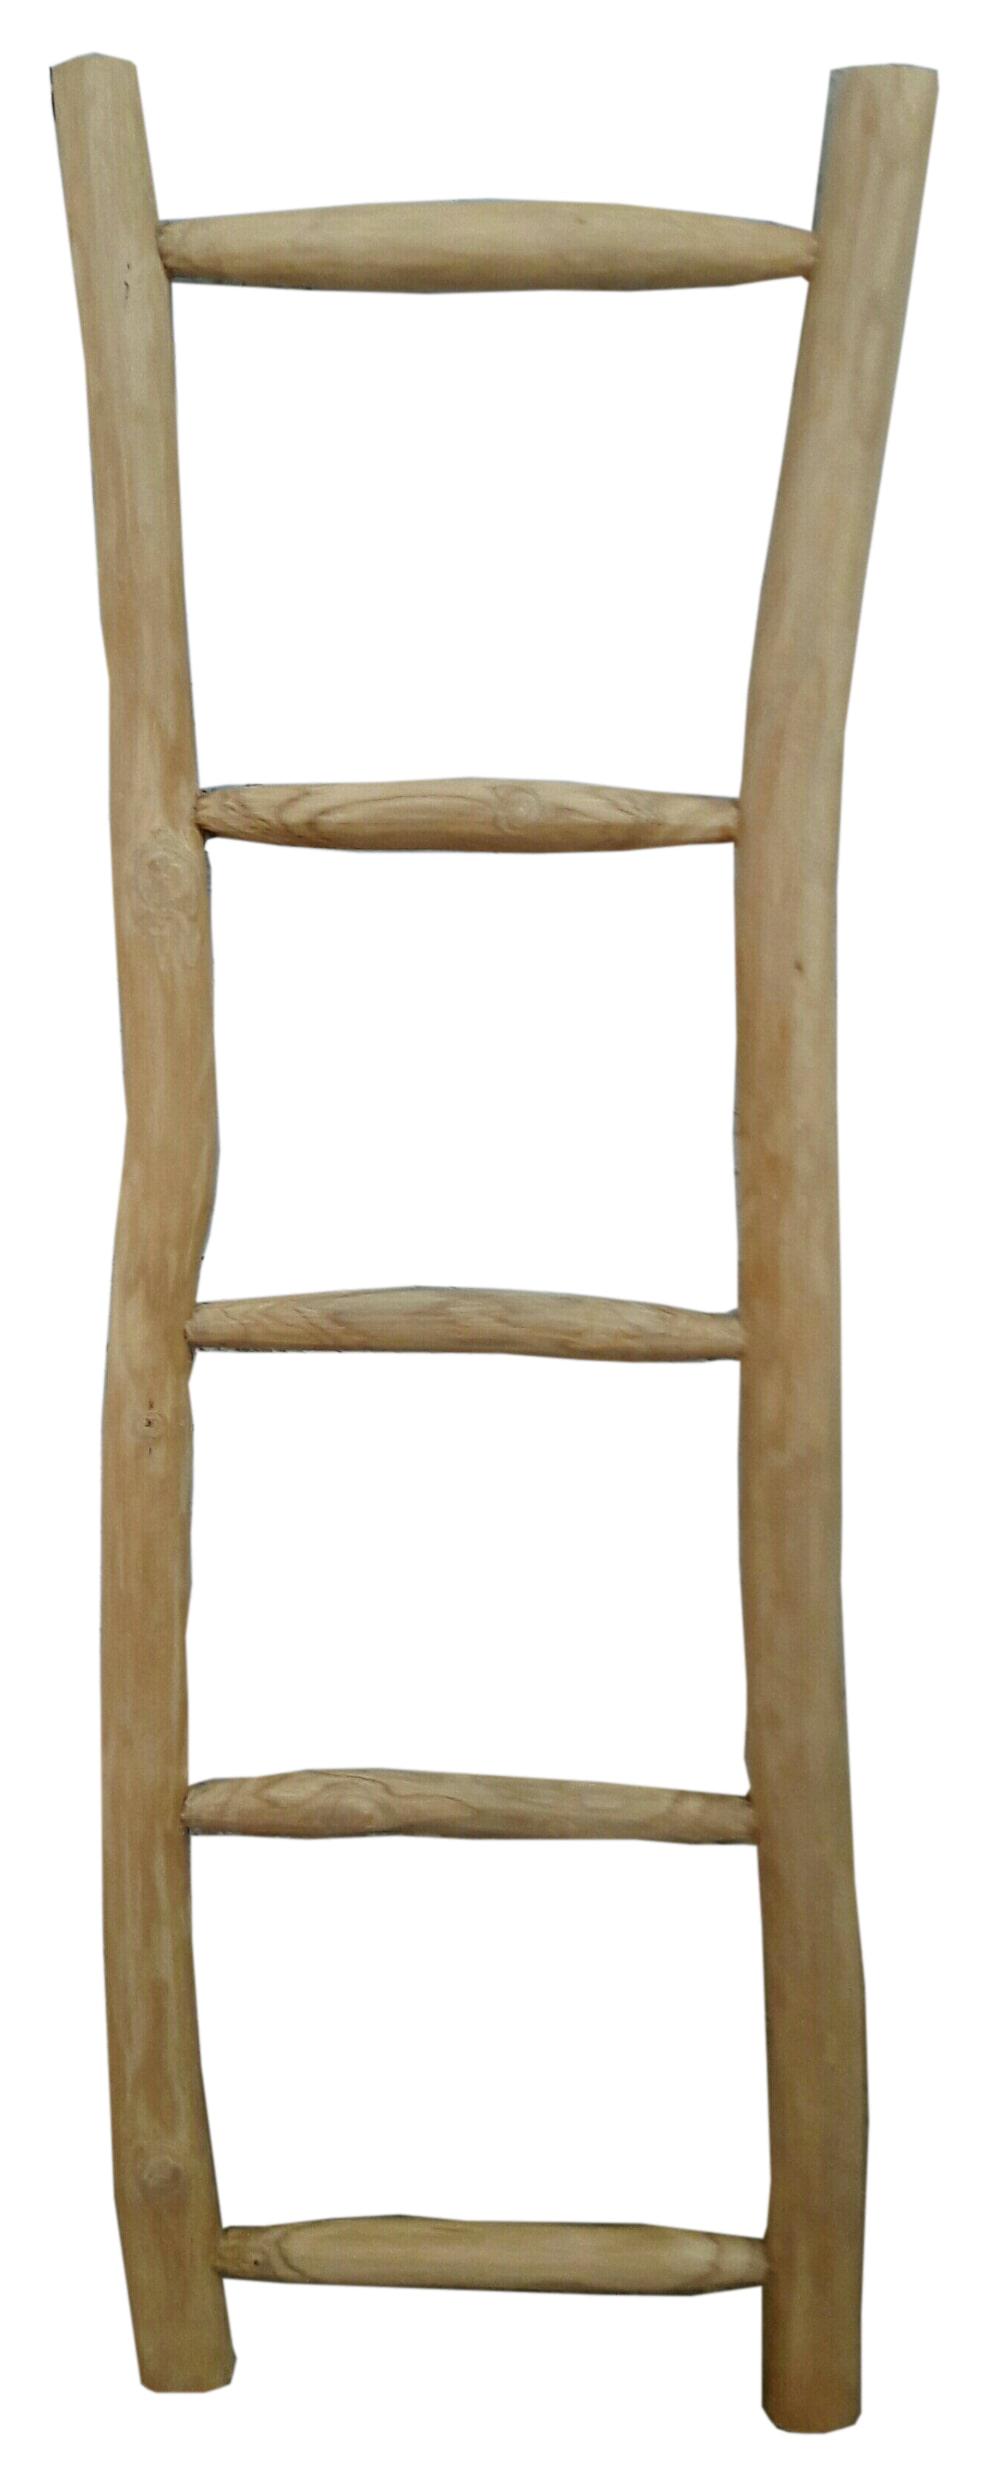 Artistiq Ladder 'Teak' 150cm Woonaccessoires | Decoratie vergelijken doe je het voordeligst hier bij Meubelpartner